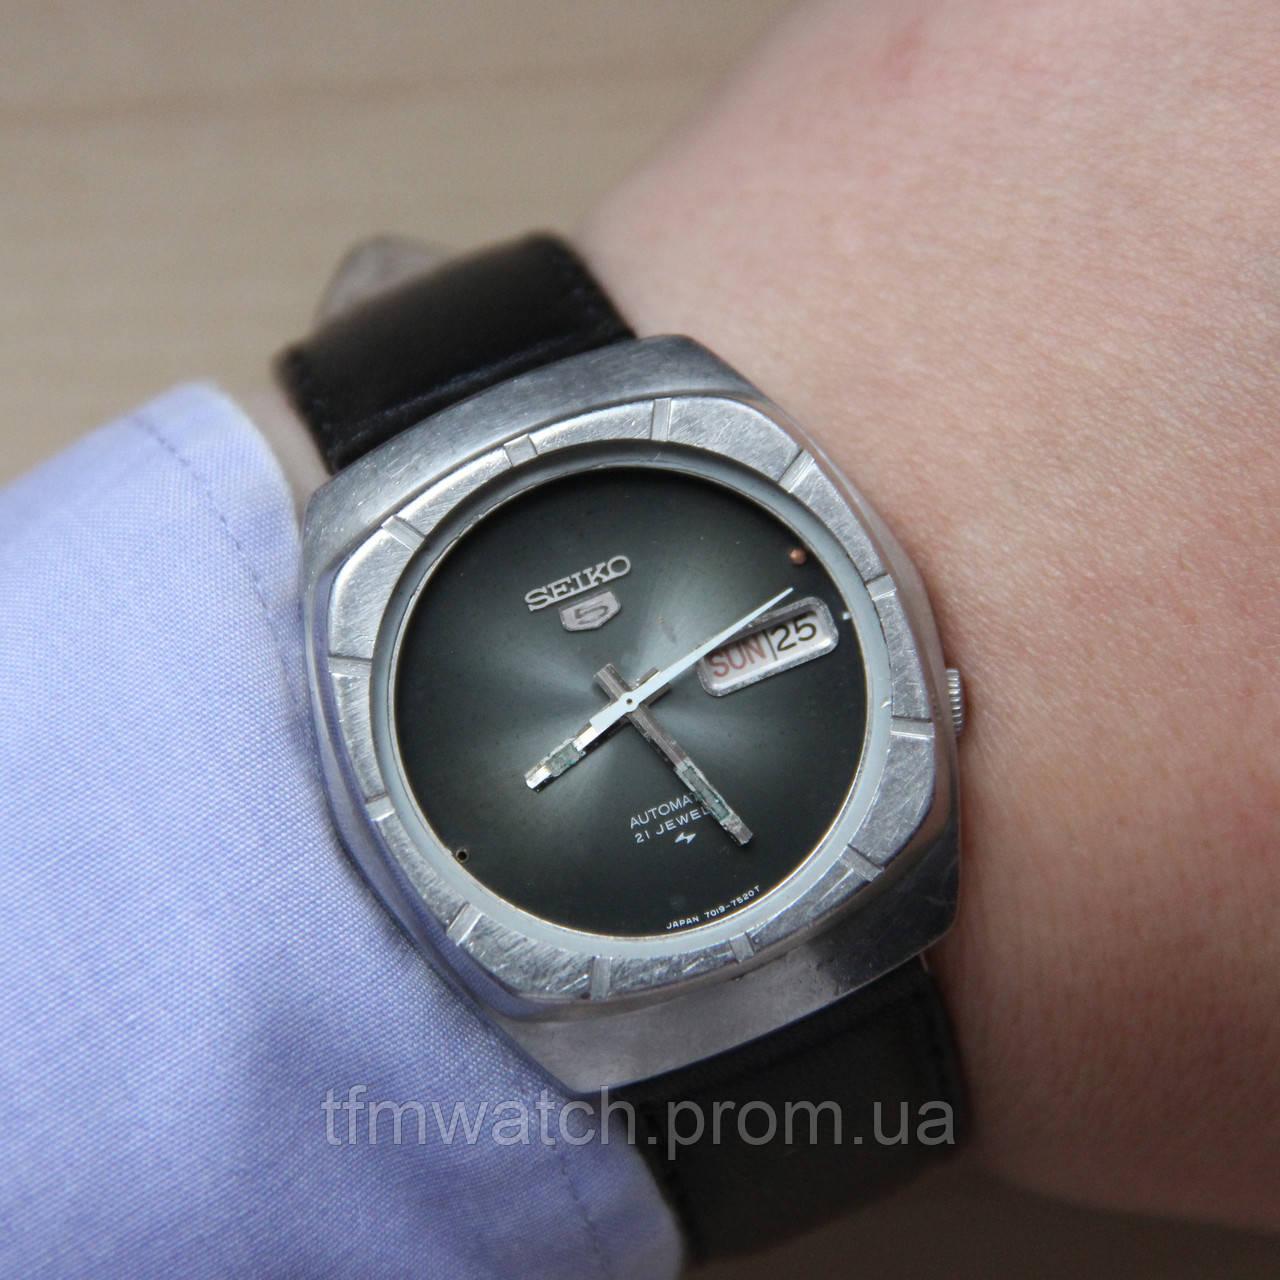 Купить мужские часы Сейко